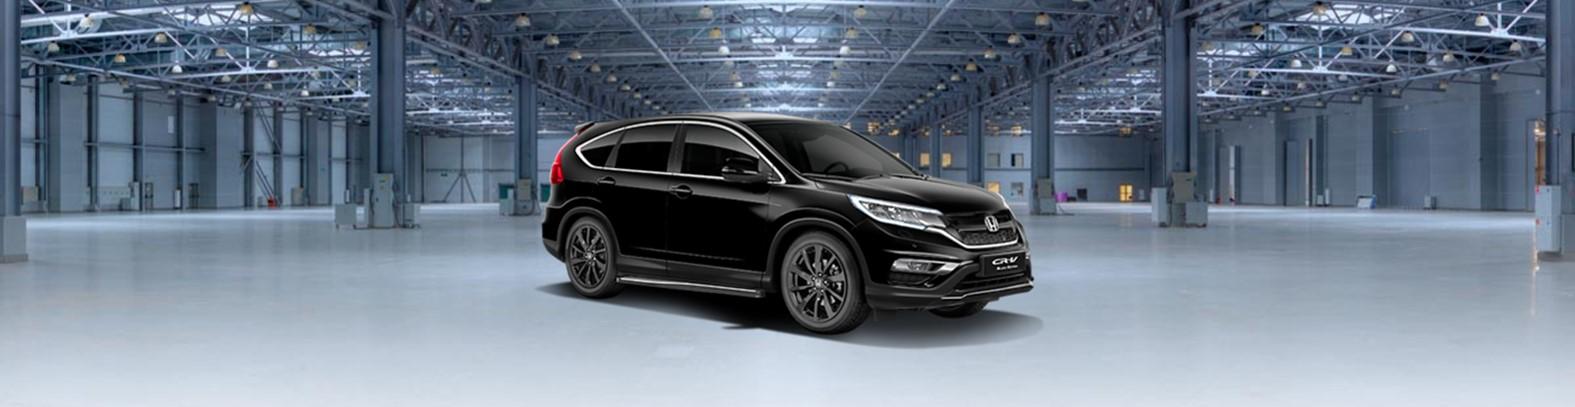 Honda CR-V Black Edition 2017 v3